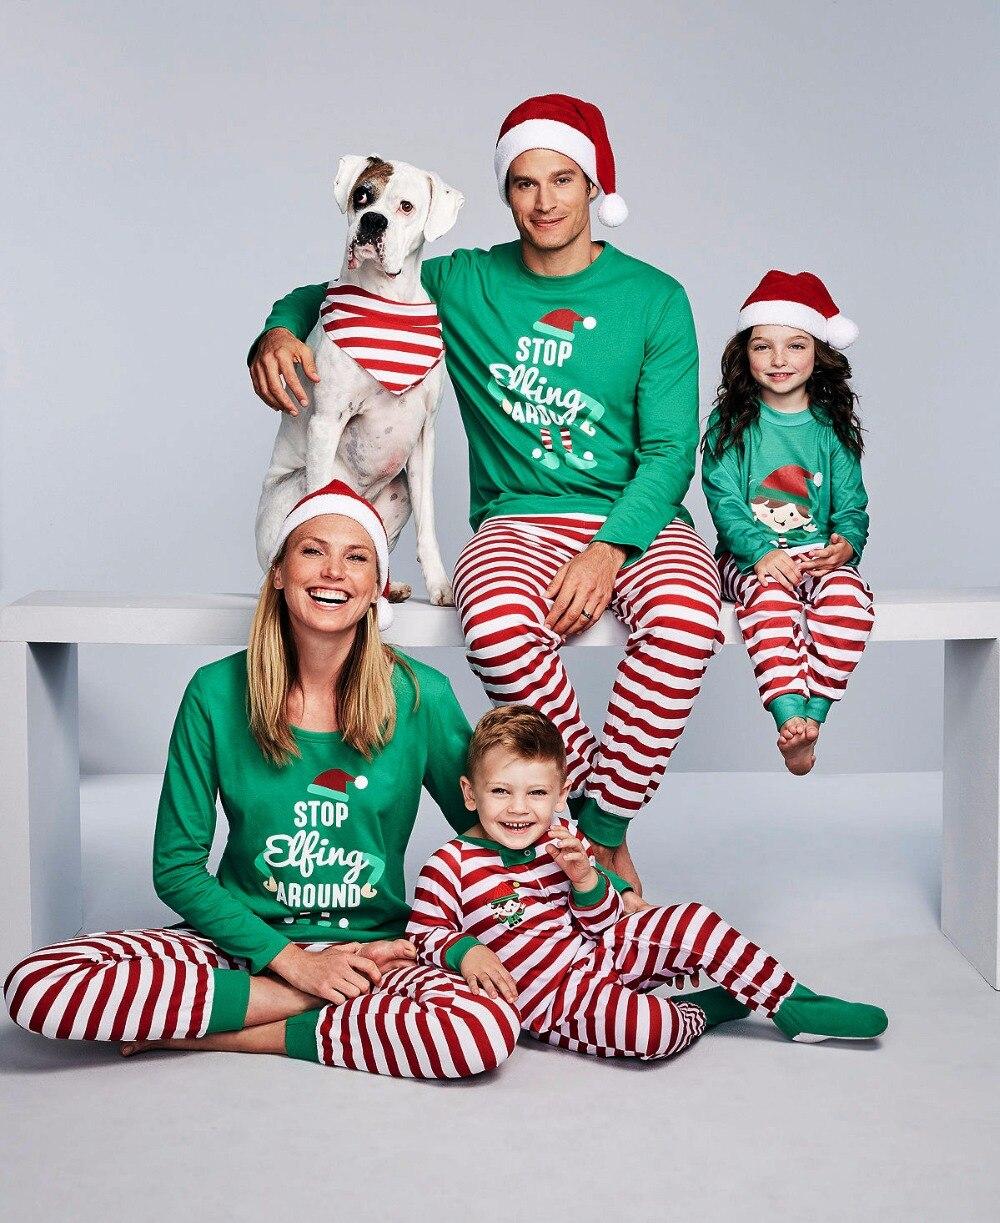 Familie Weihnachten Pyjamas Set Striped Pyjamas Set Familie Aussehen Passenden Familie Weihnachten Pyjamas Navidad Familie Passenden Kleidung